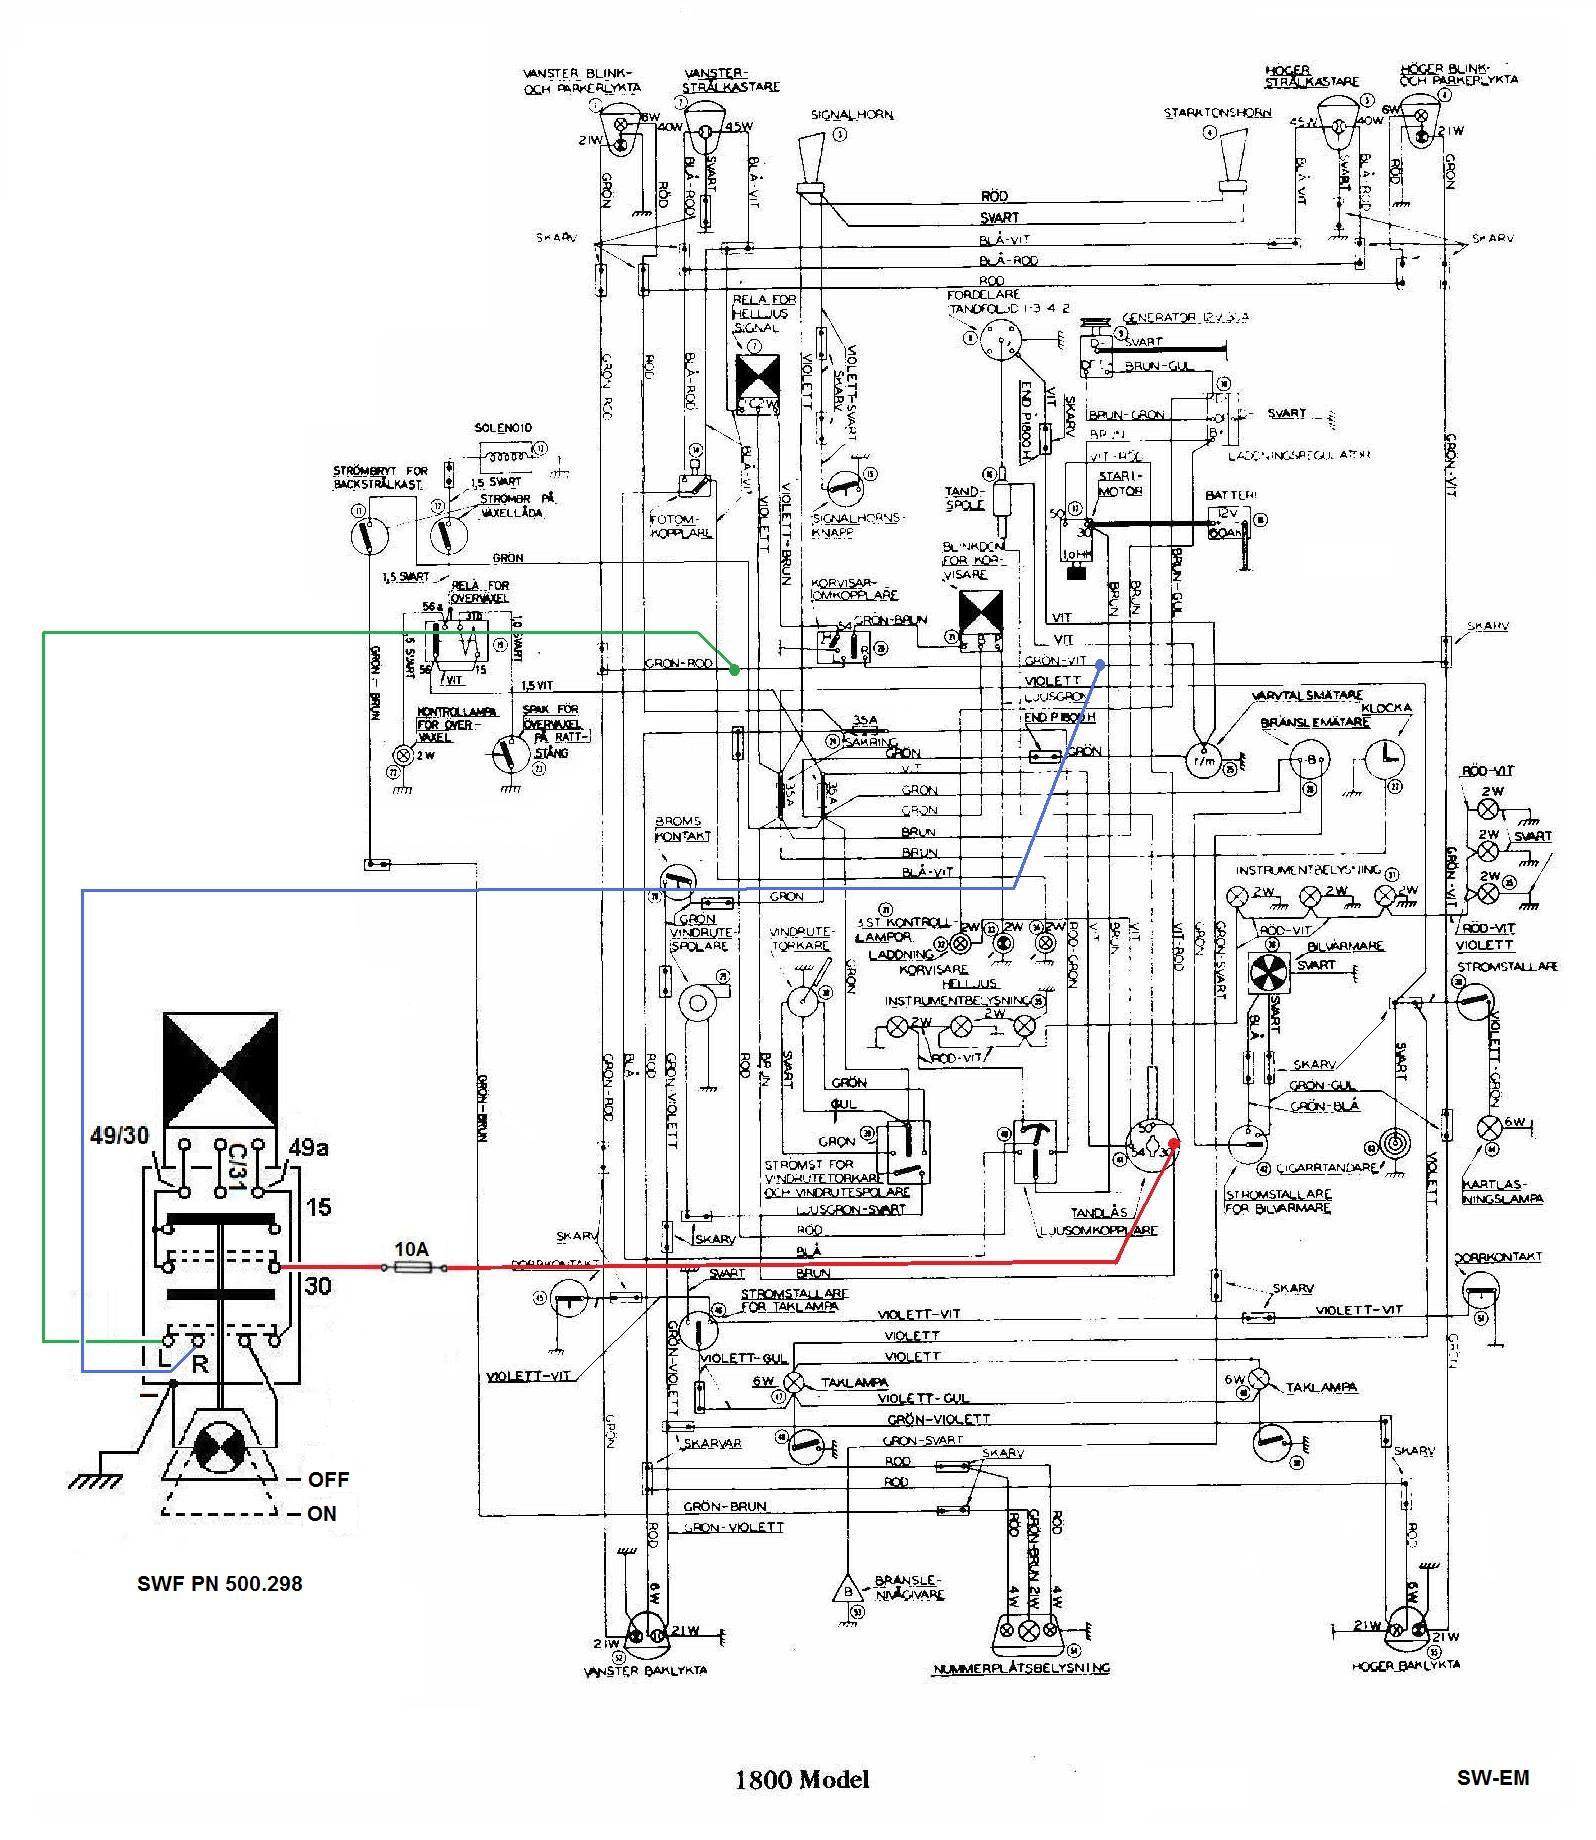 flasher wiring diagram   22 wiring diagram images